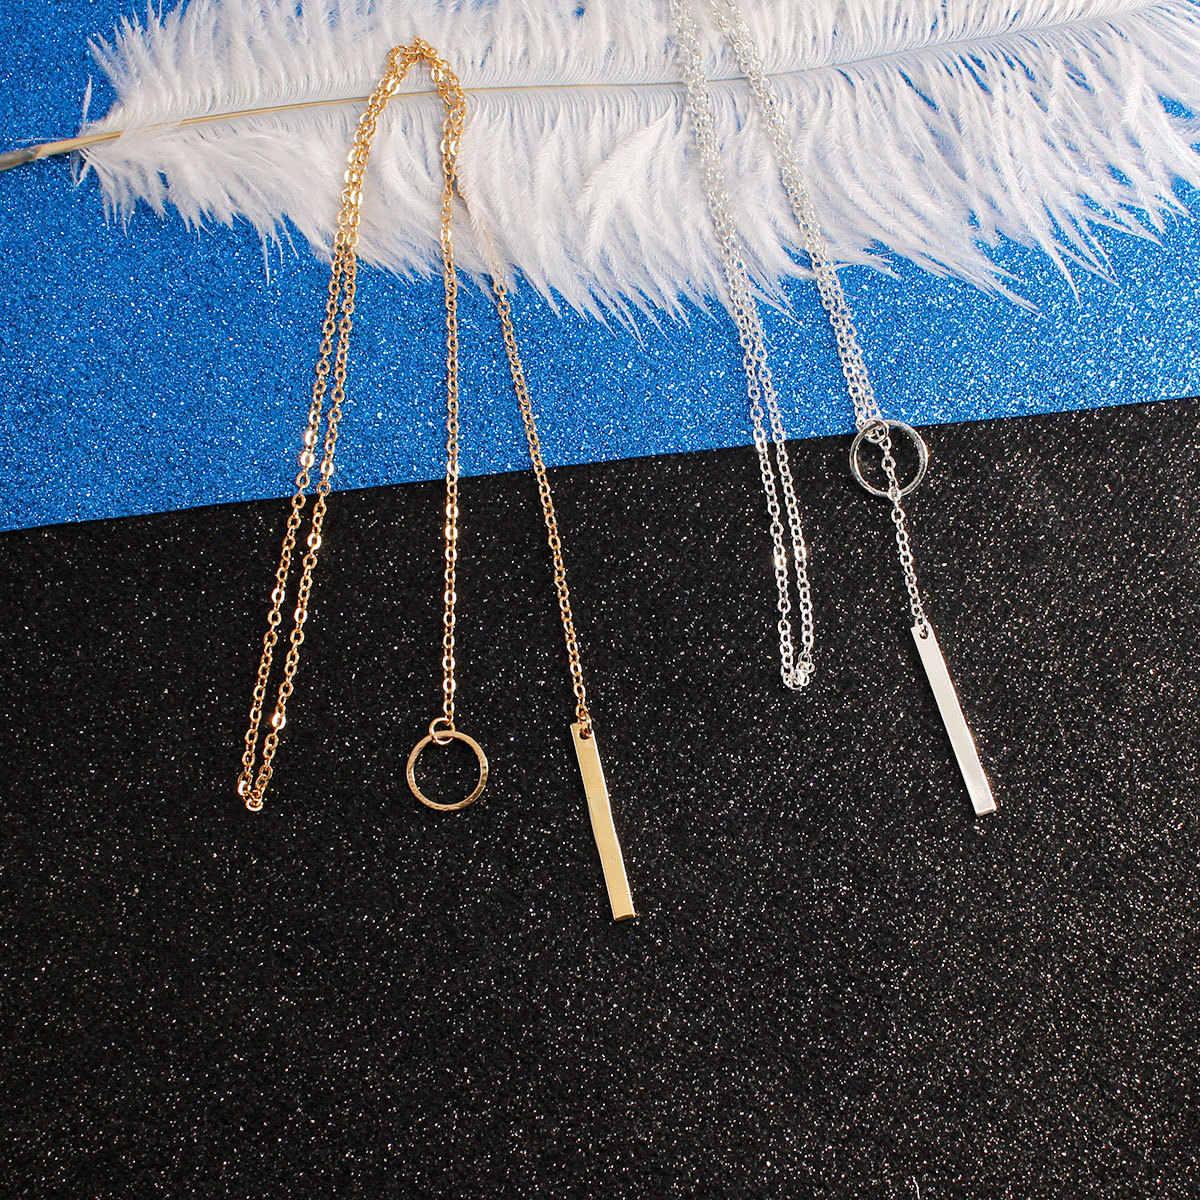 新しいシンプルな人格金属サークルショートネックレスネックチェーン女性のファッション鎖骨ネックレスジュエリー XL012